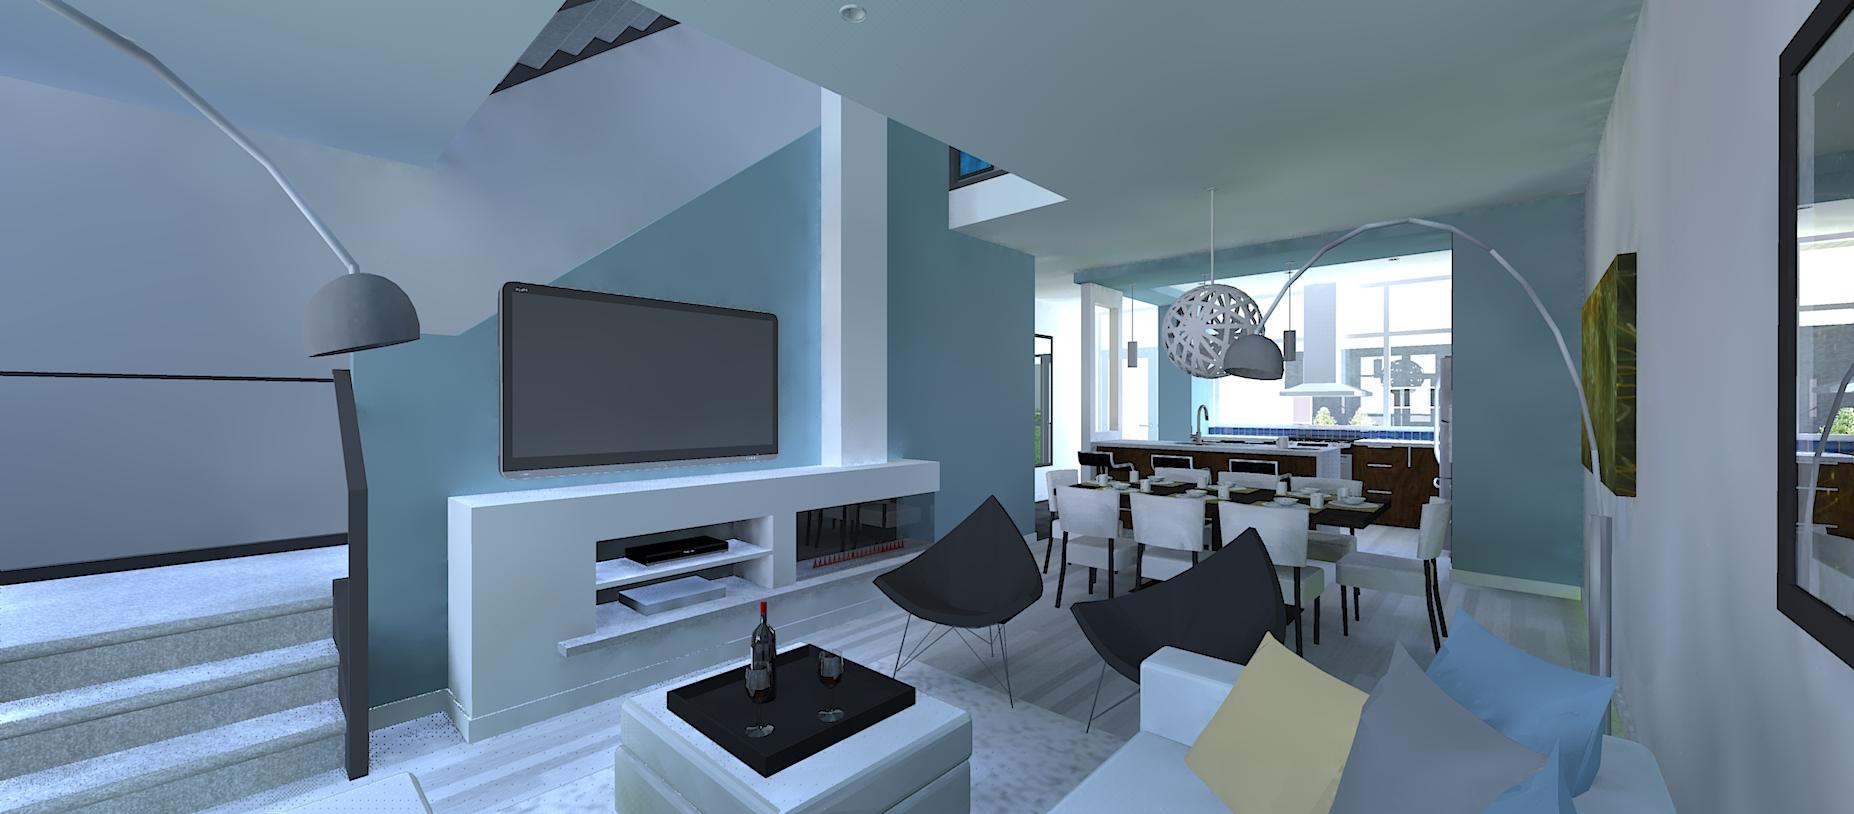 09-Living Room 1.jpg